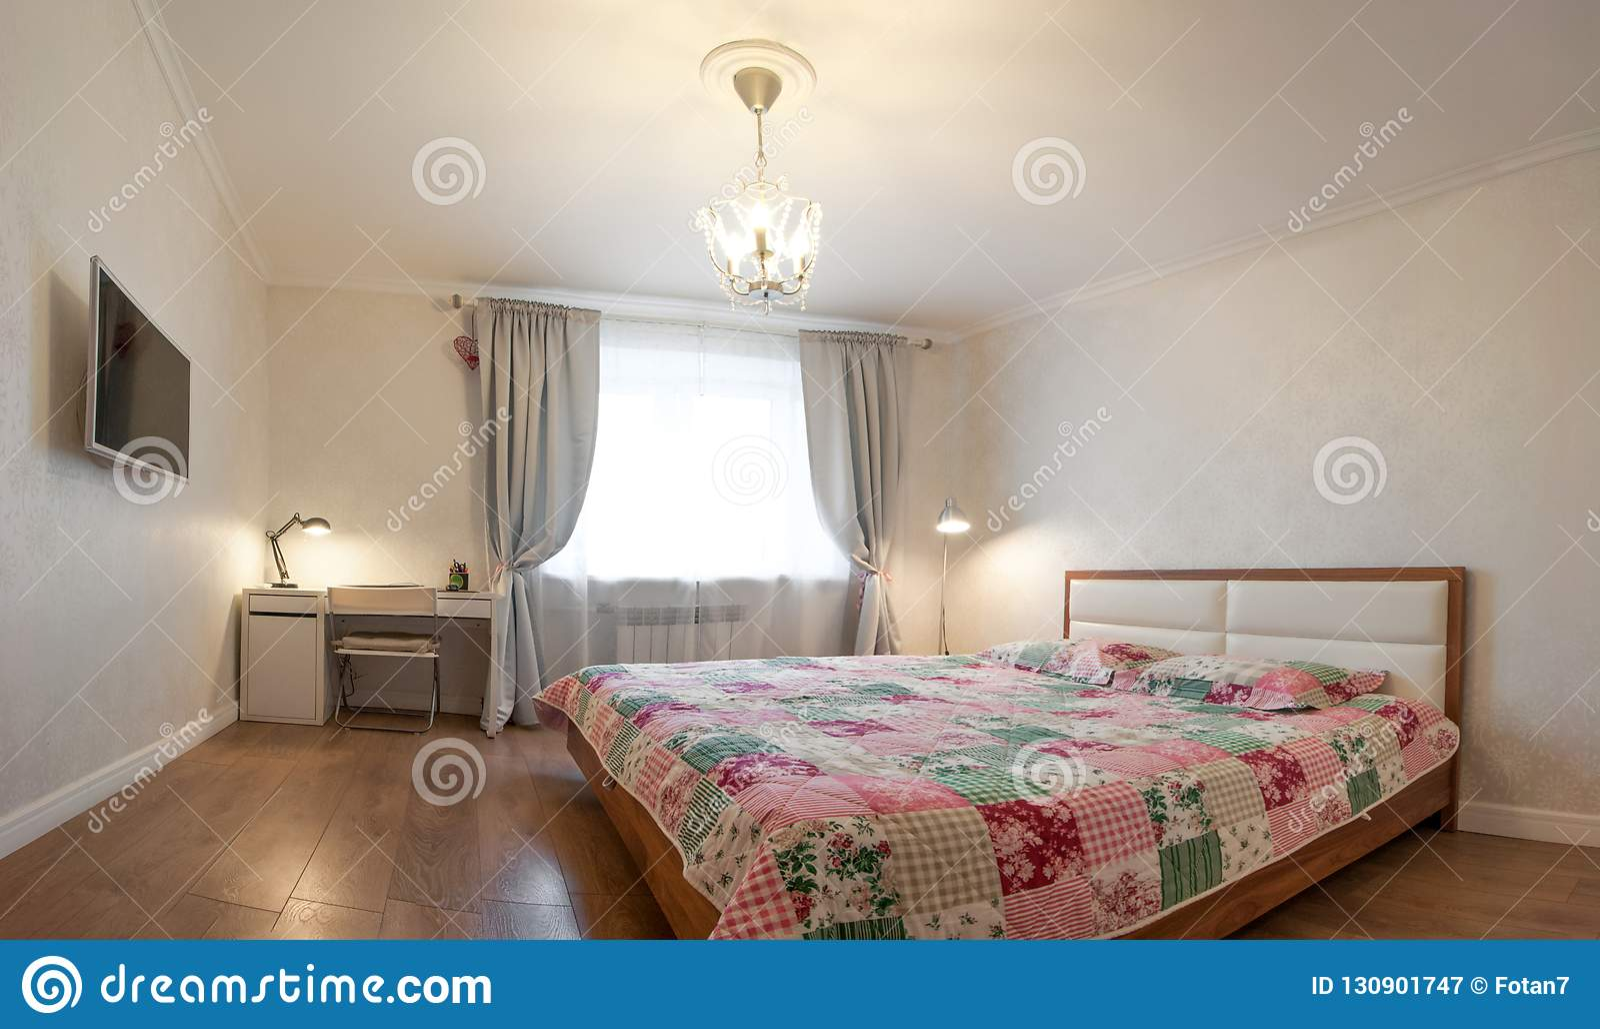 Moderne Wohnung In Den Weichen Warmen Farben, Innenraum ...